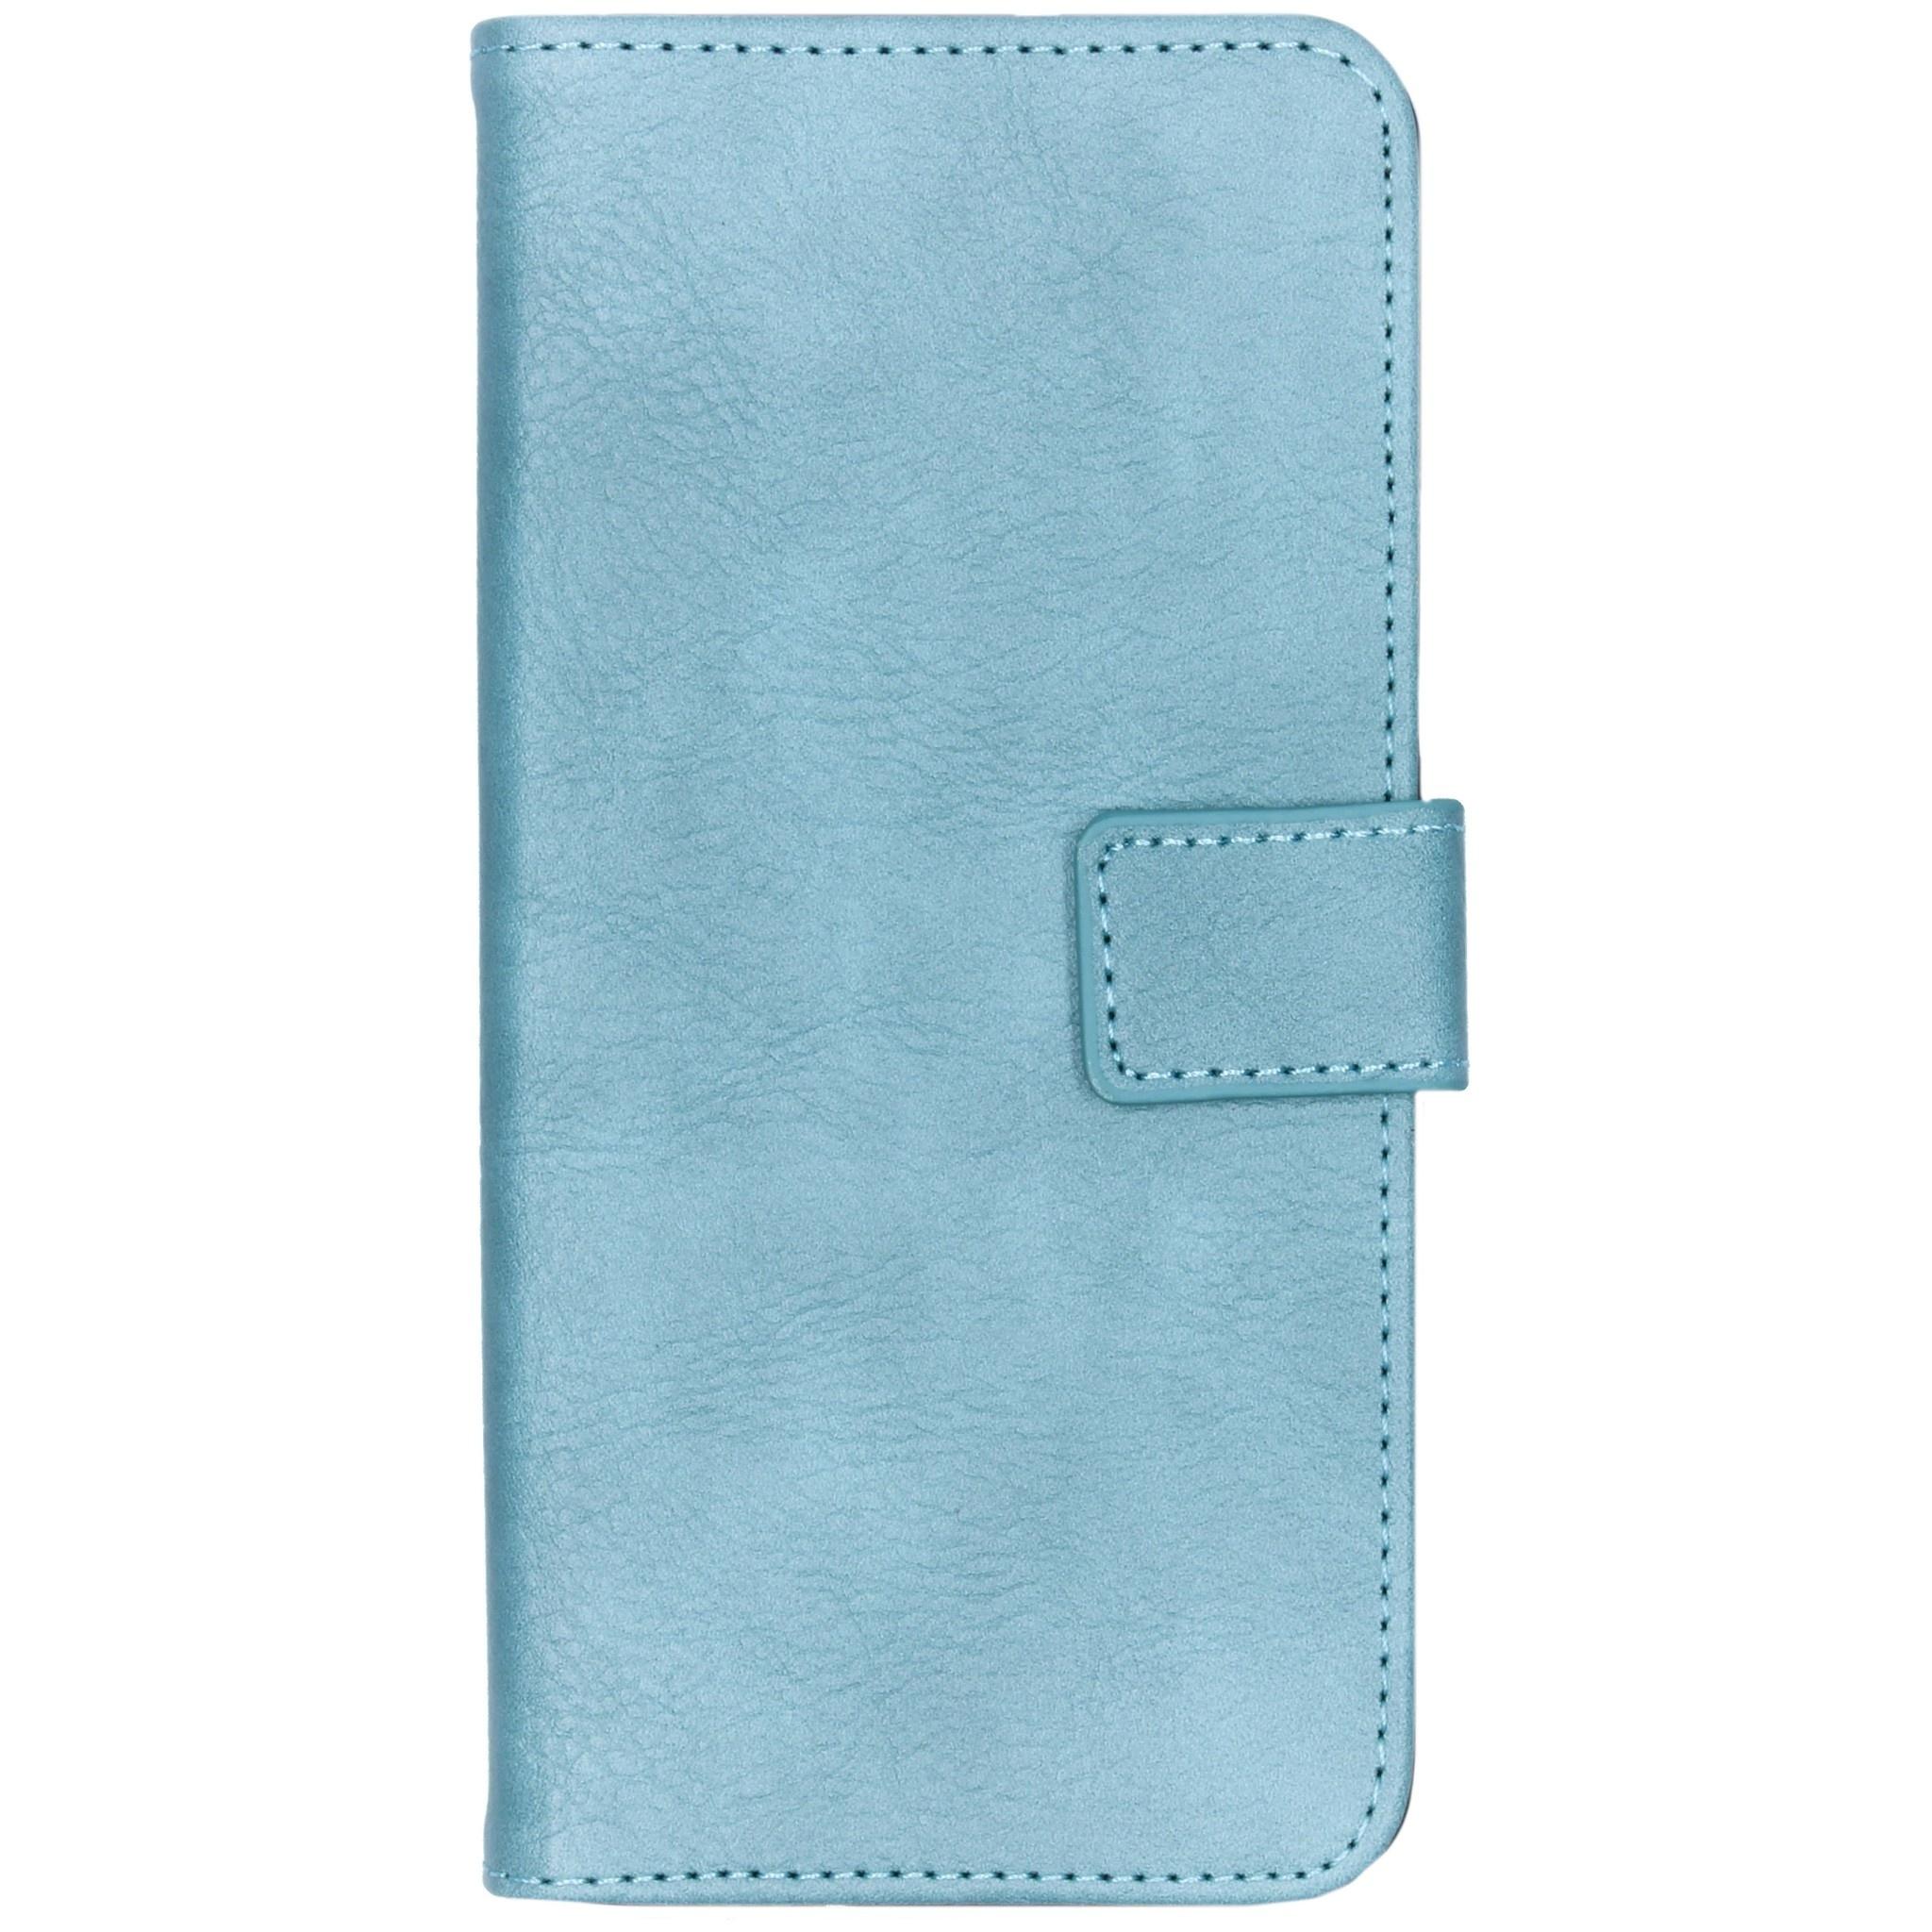 iMoshion Étui de téléphone portefeuille Luxe pour l'Huawei Y6 (2019) - Bleu clair